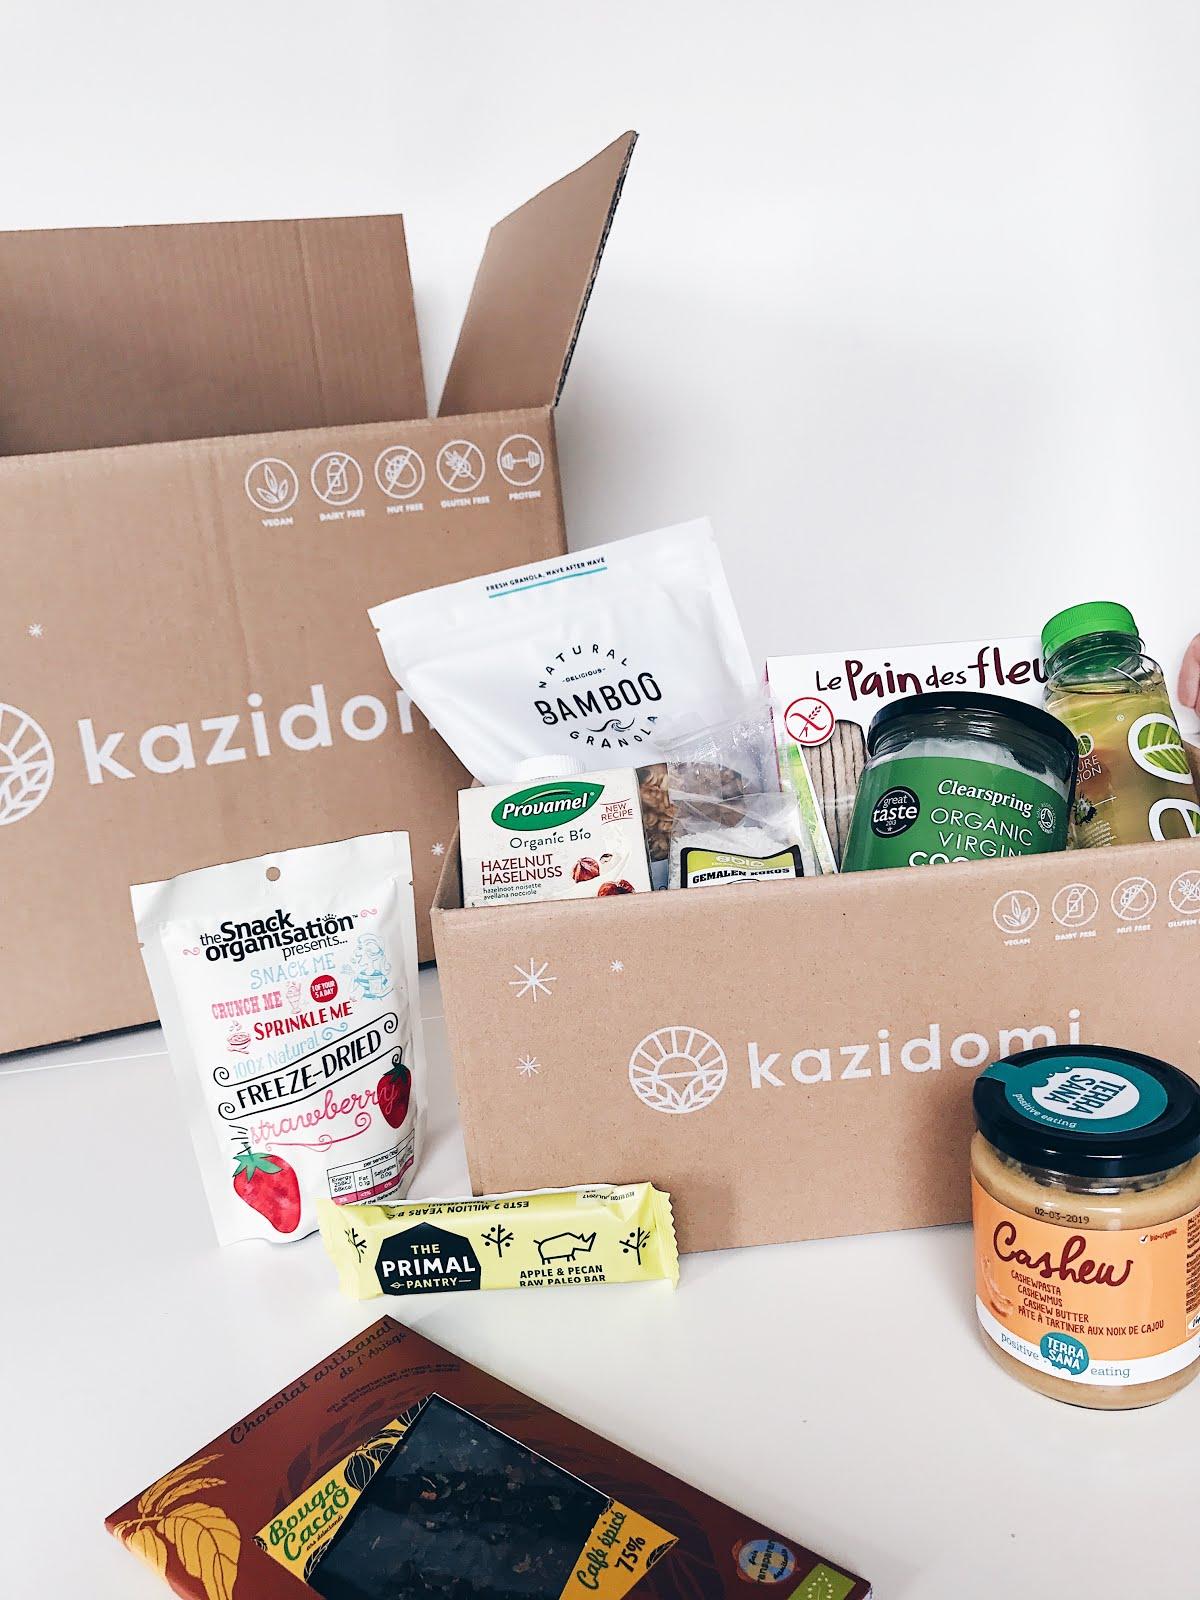 Kazidomi: l'eshop de produits sains, Réduction de 20€ sur l'abonnement avec le code ALESSA